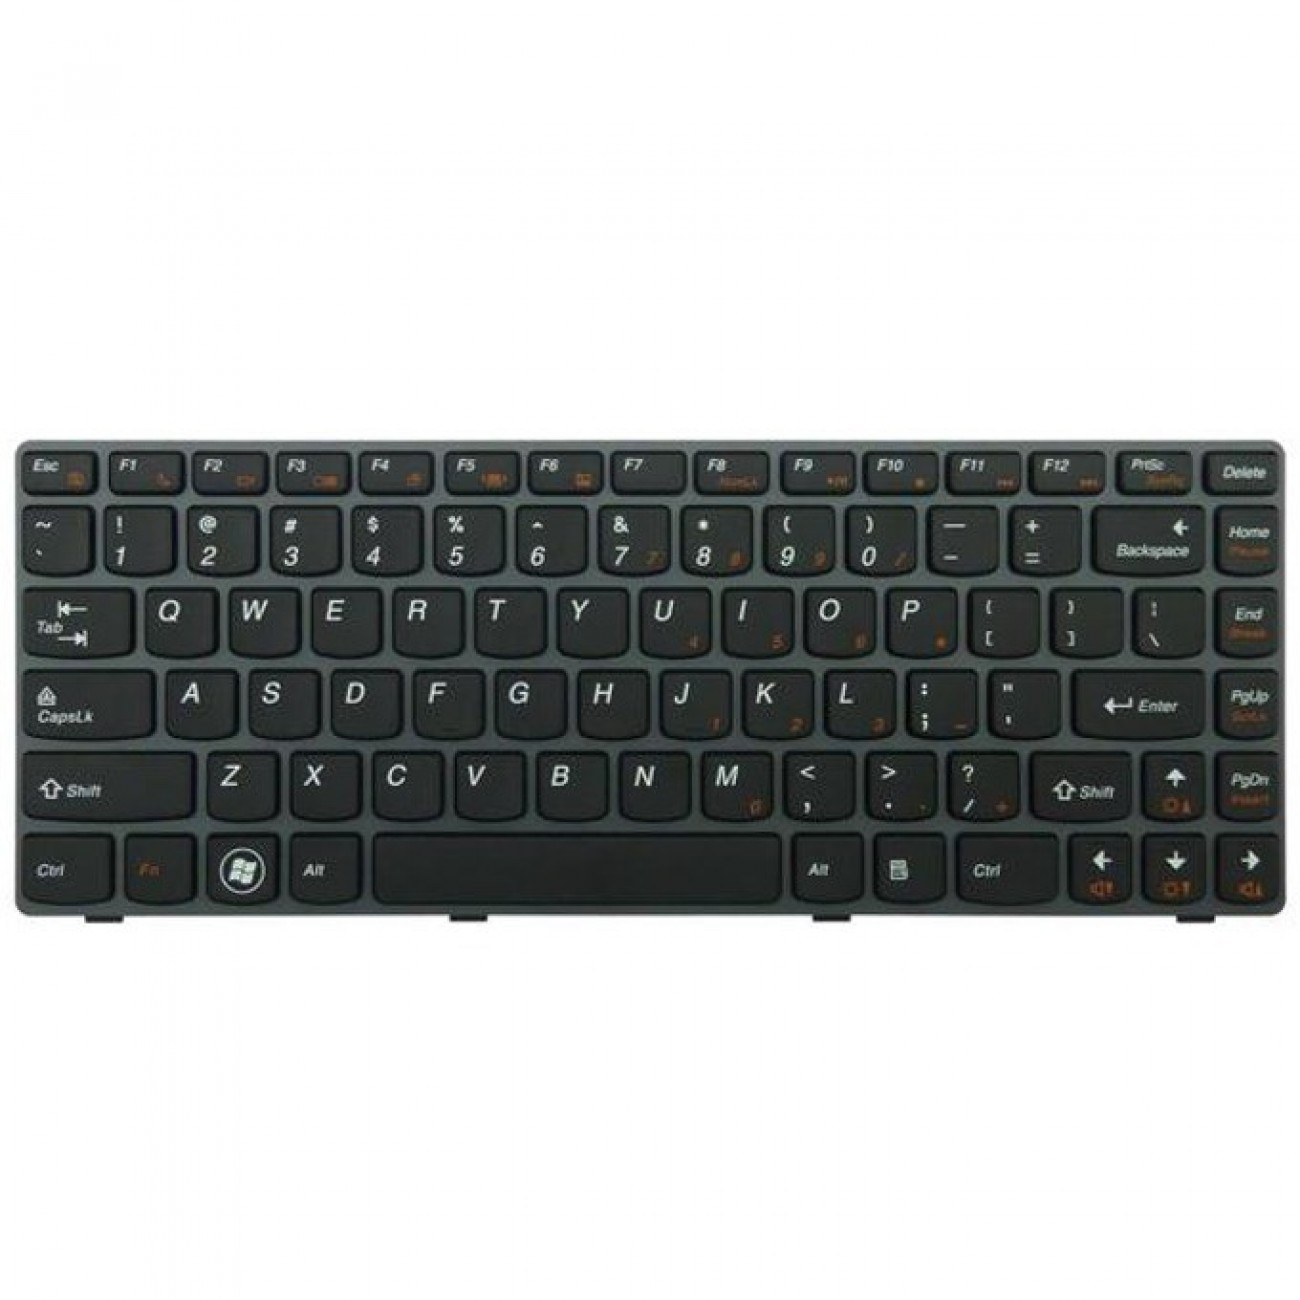 Клавиатура за Lenovo Ideapad V370, US, сива рамка, черна в Резервни части -  | Alleop